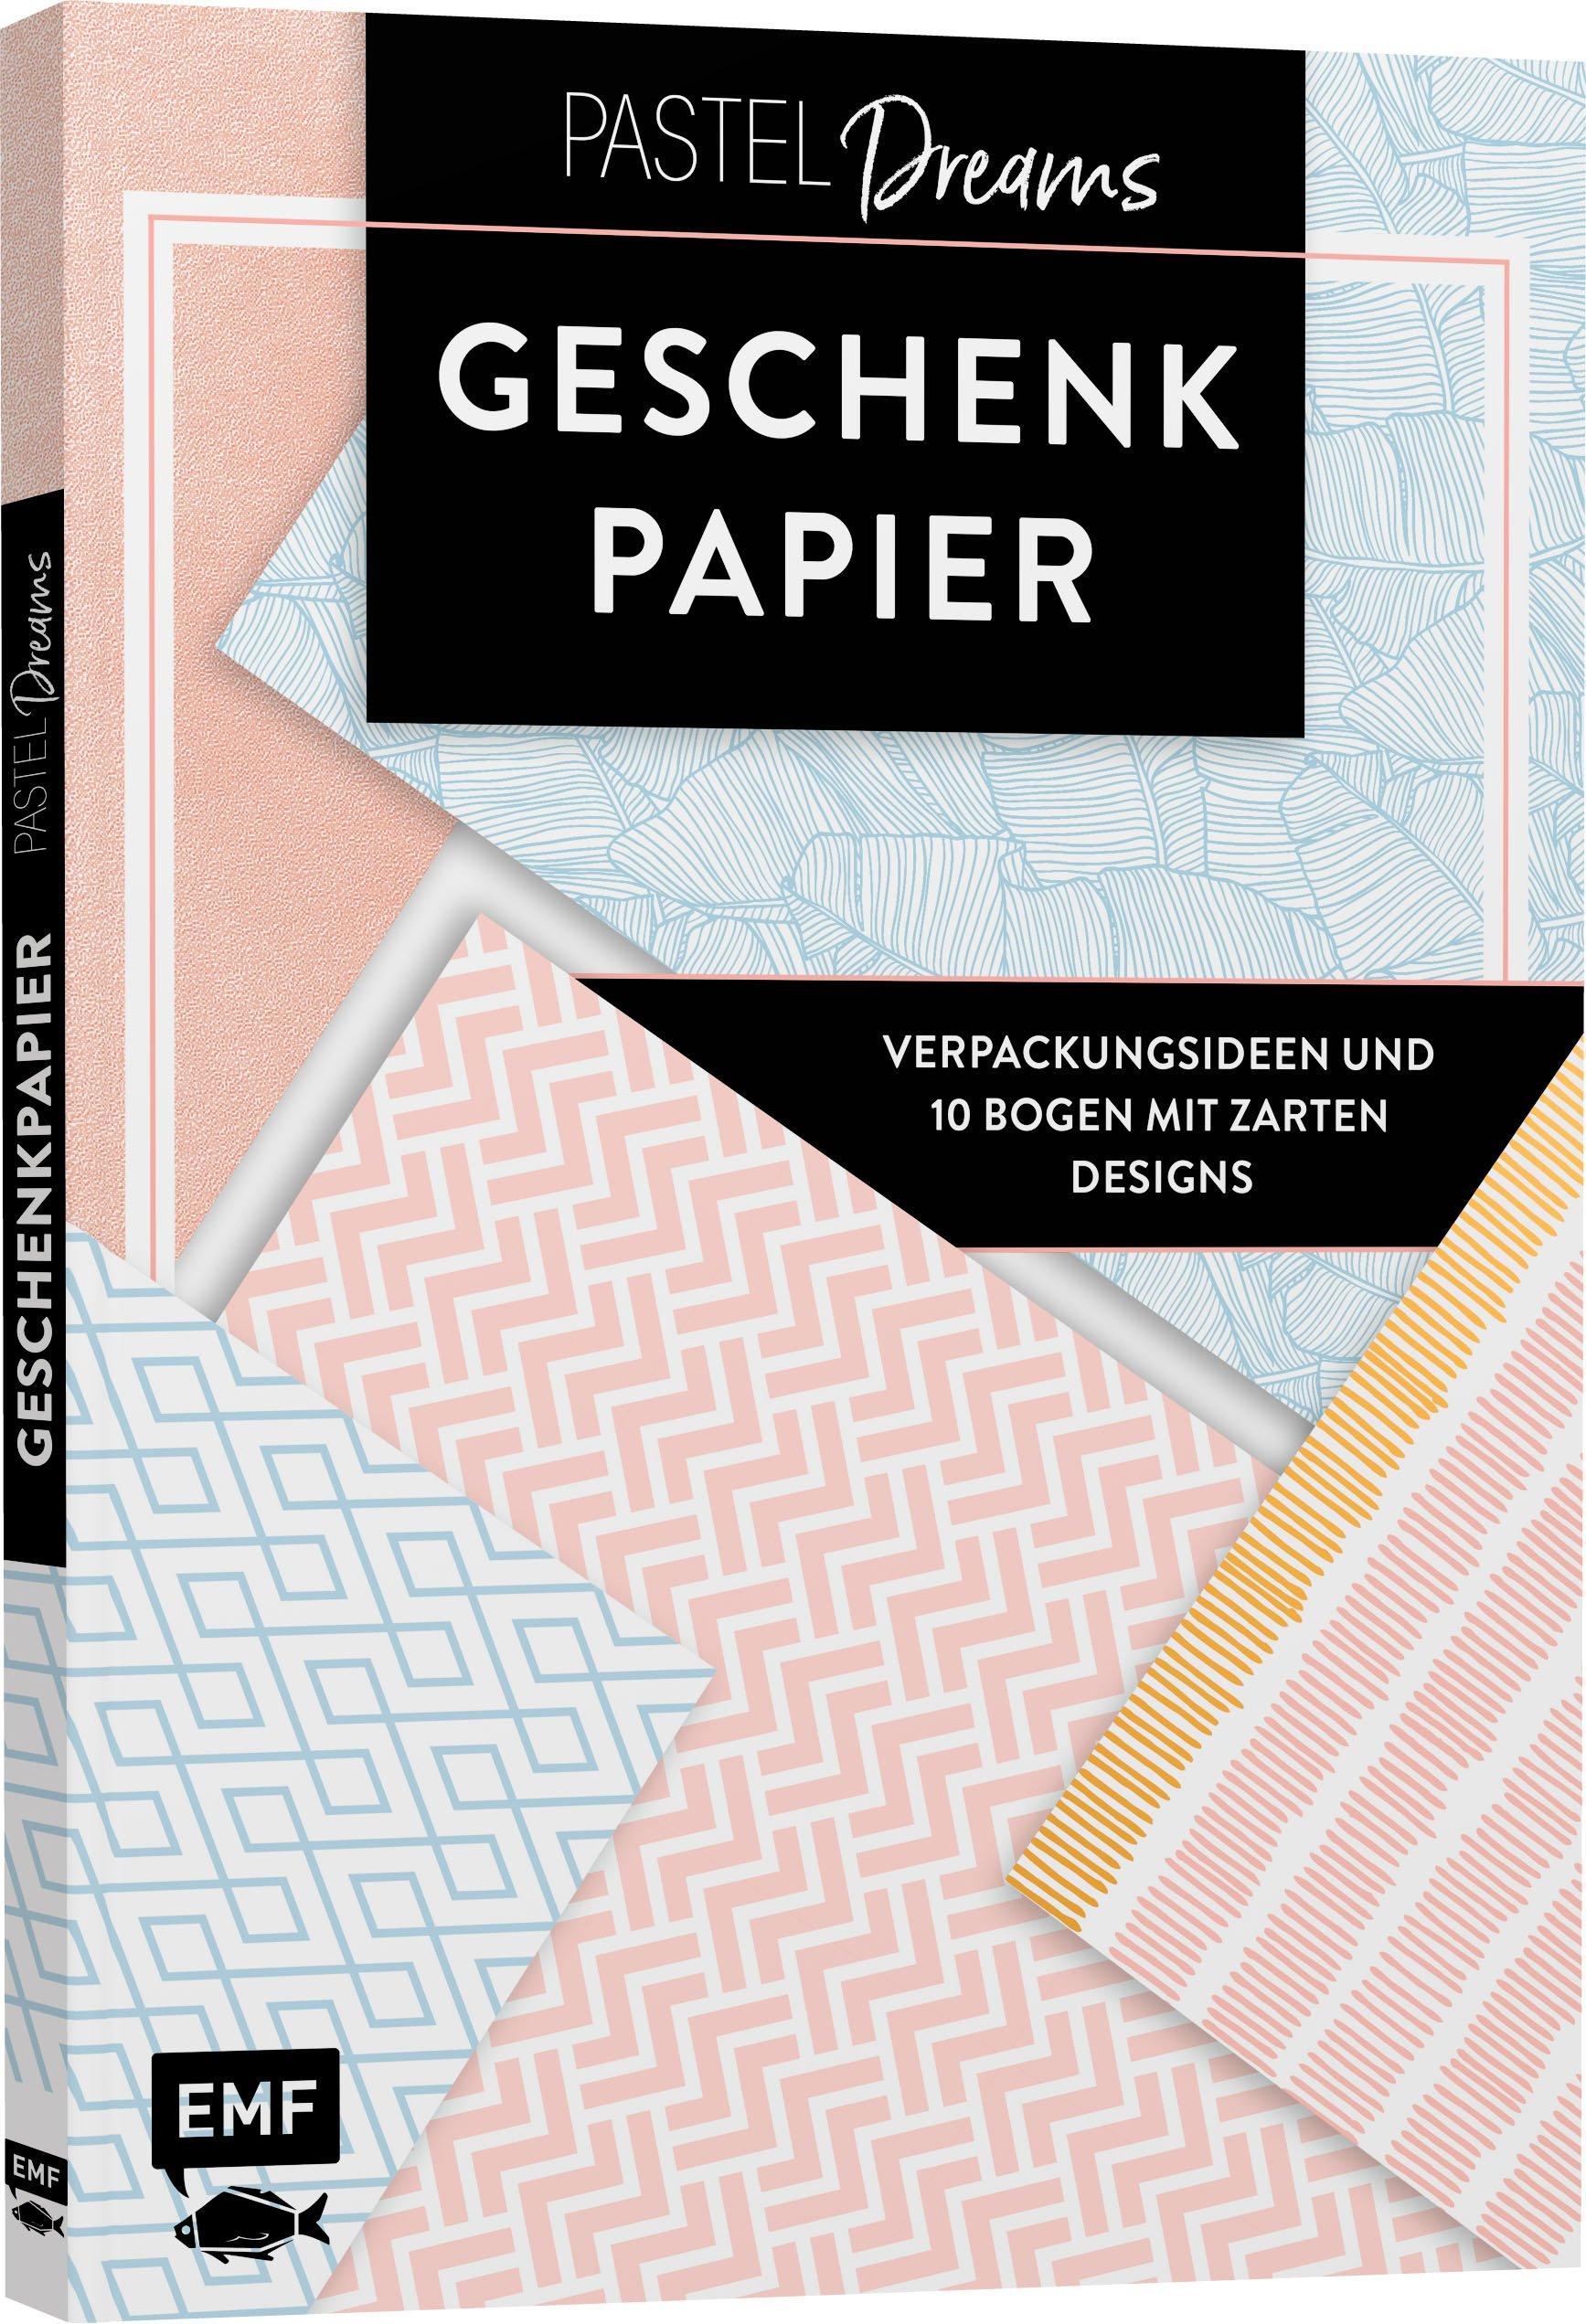 Das Geschenkpapier-Set – Pastel Dreams: Verpackungsideen und 10 Bogen mit zarten Designs: 10 Bogen, 80 x 59 cm